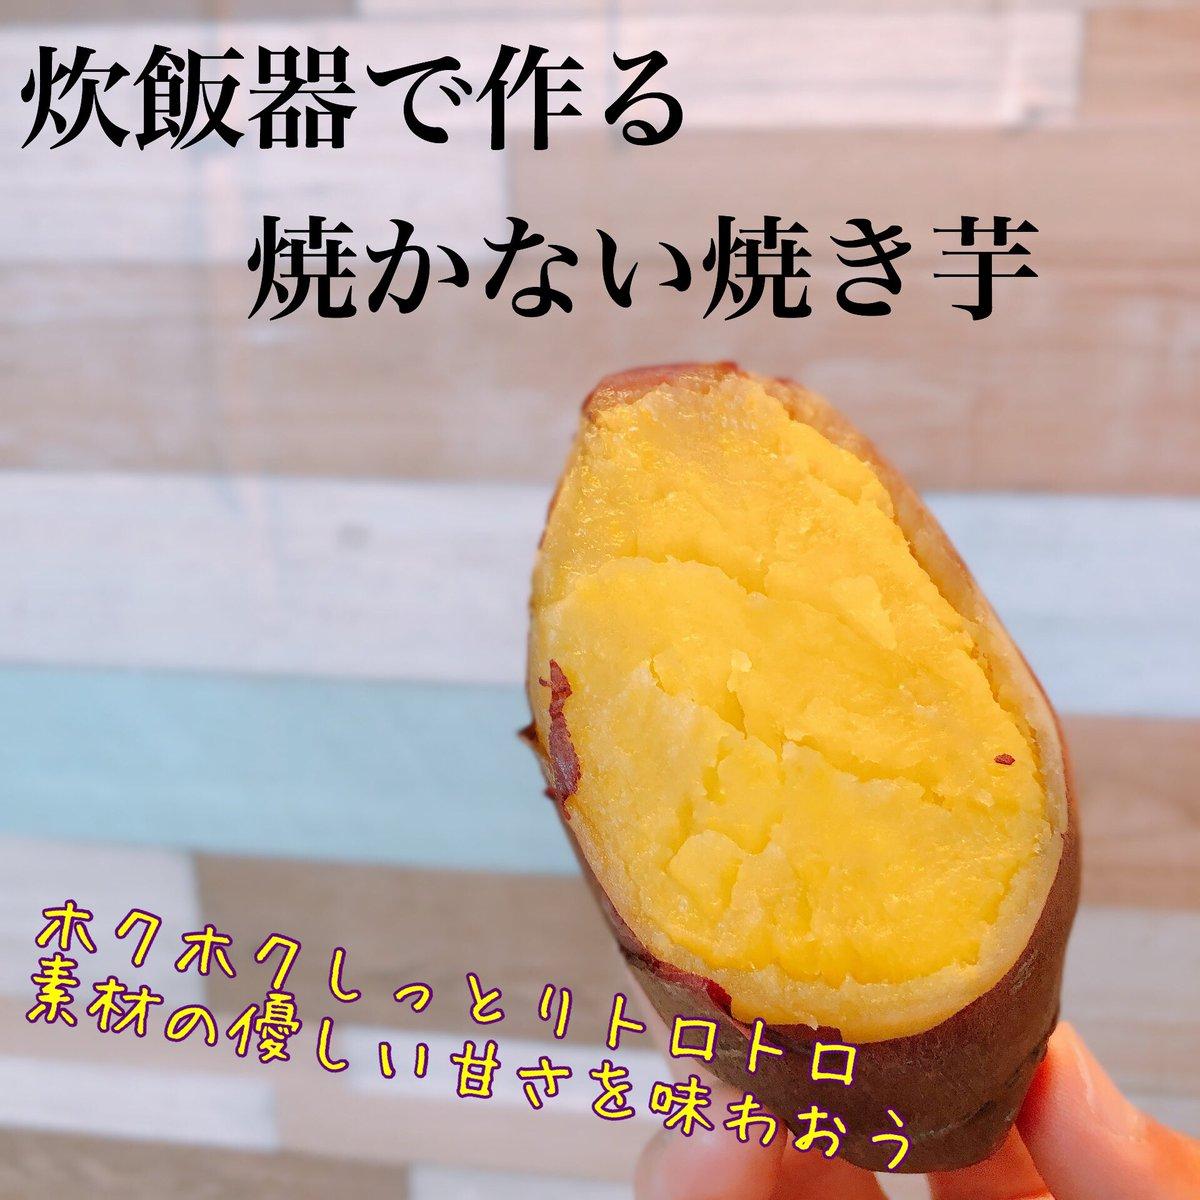 冷やす 焼き芋